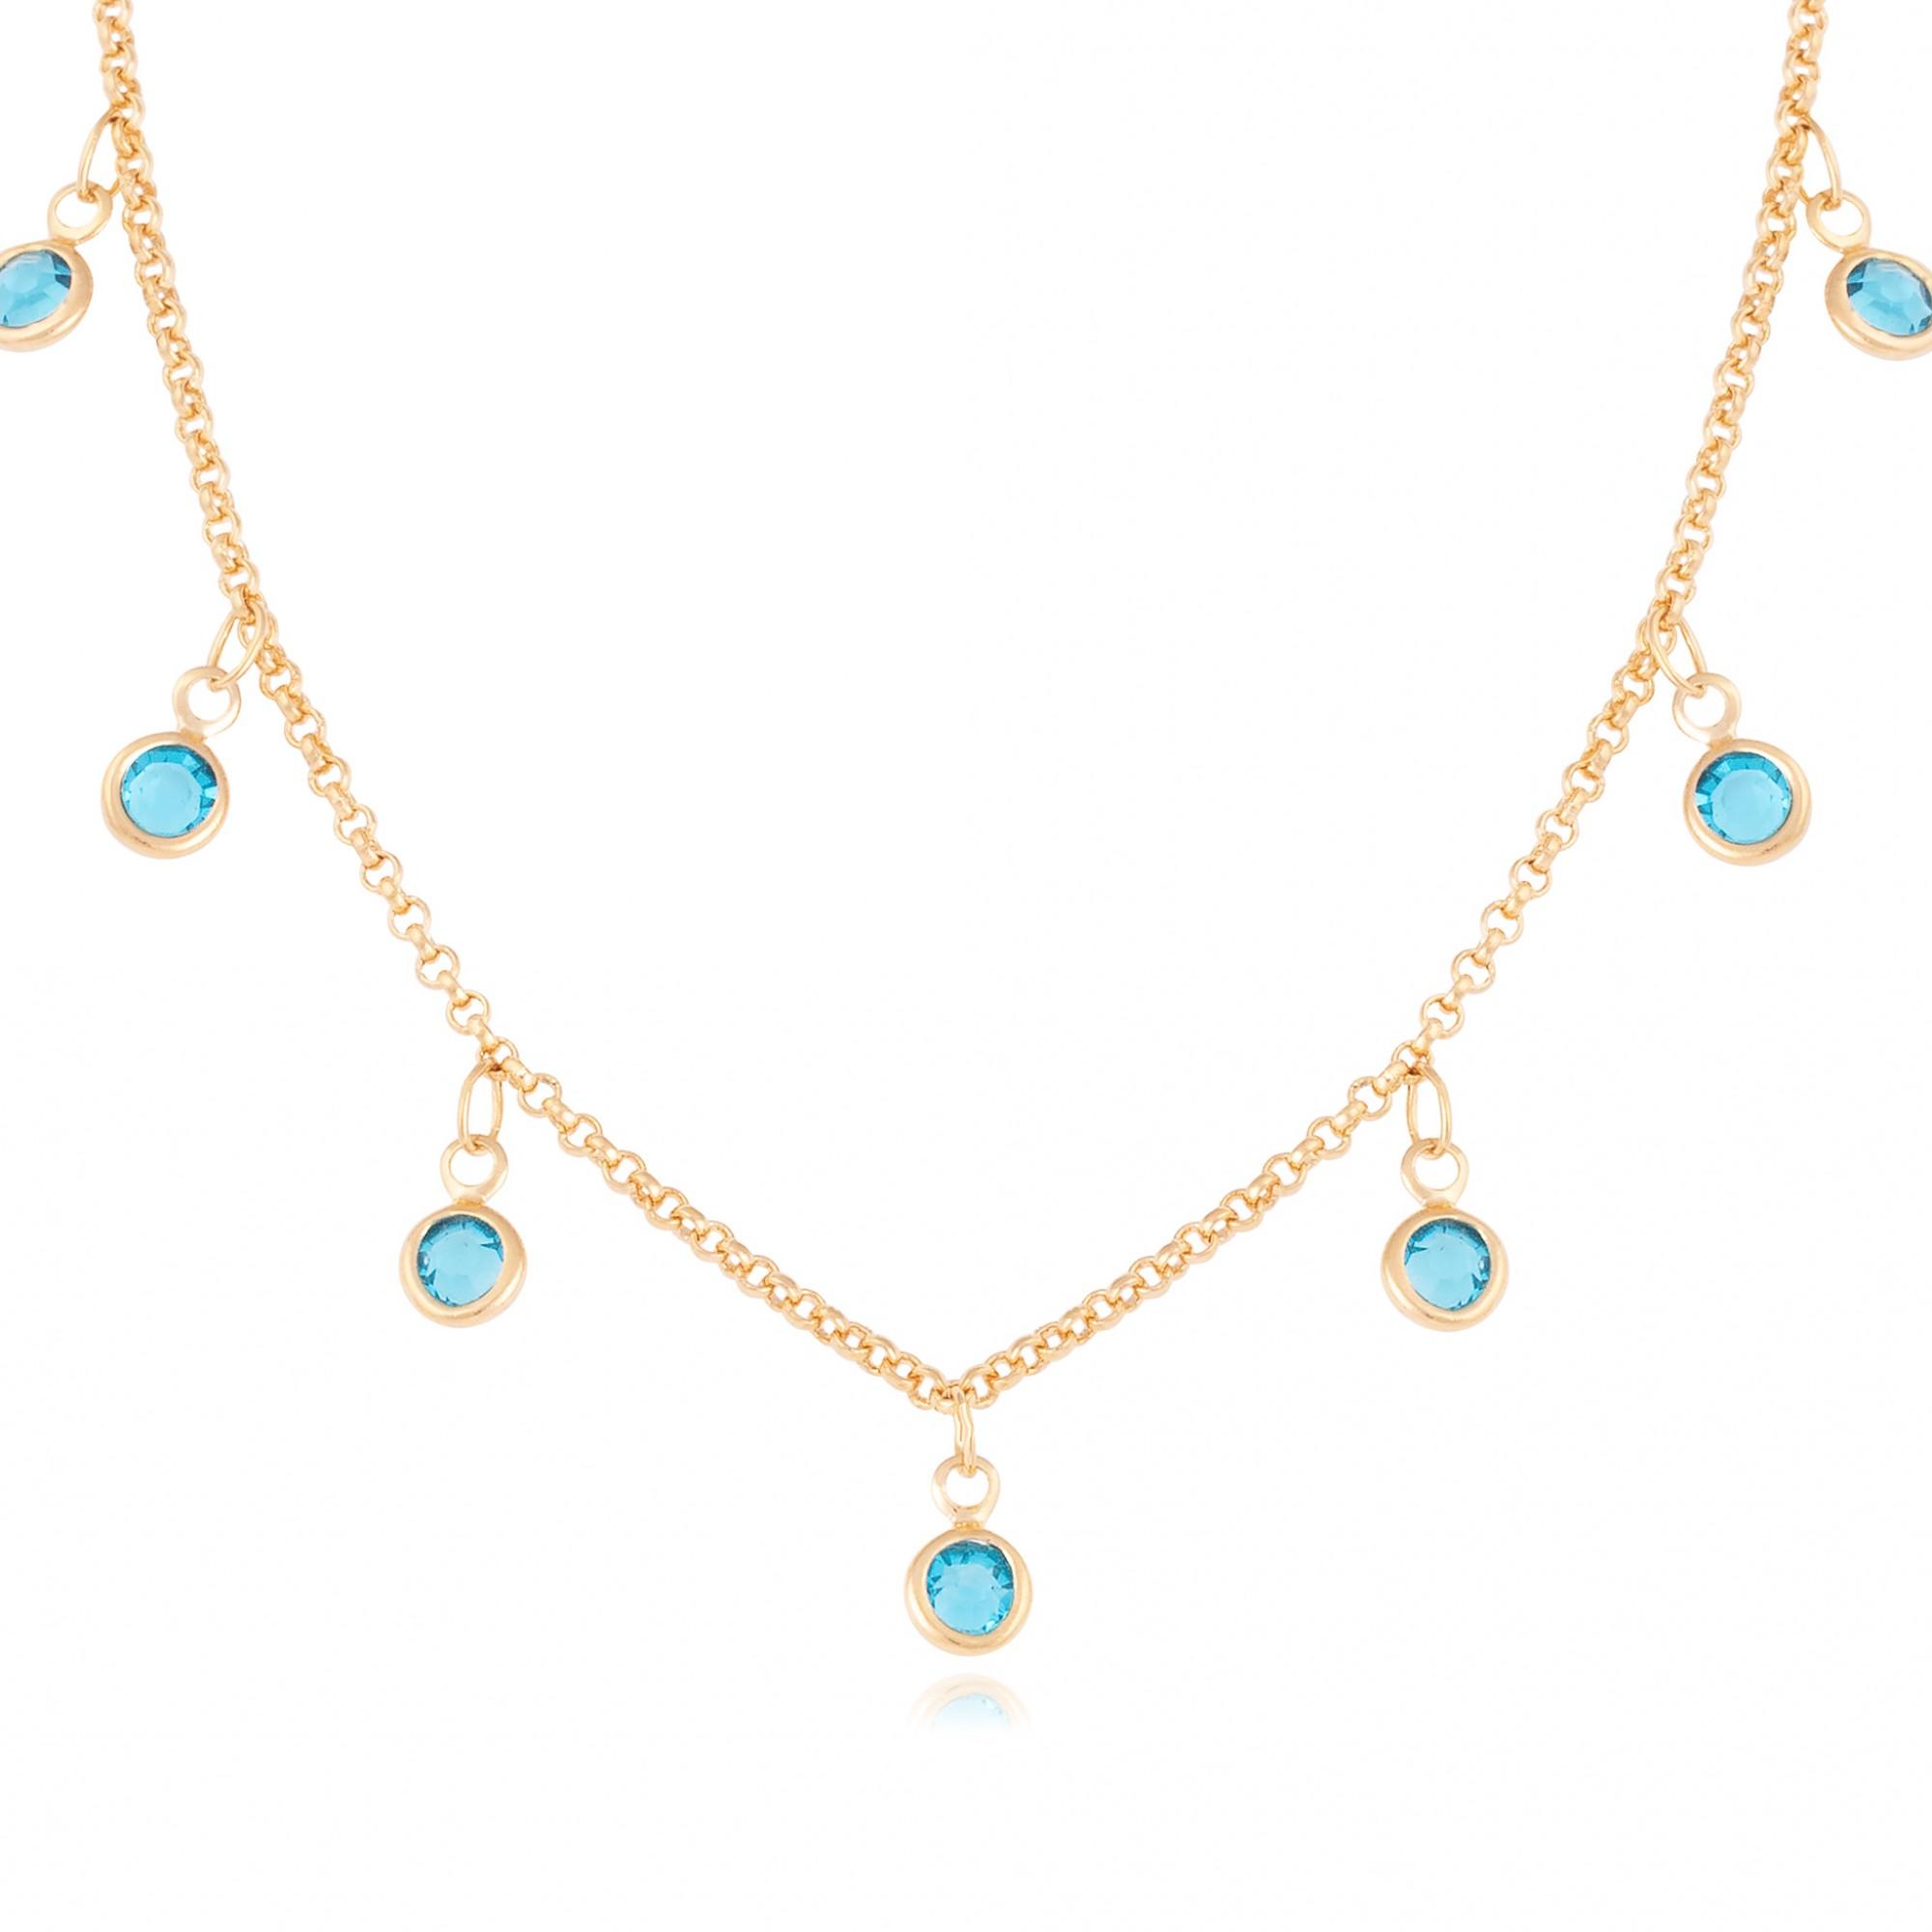 Colar choker com cristais azuis banhado a ouro 18k.  - romabrazil.com.br